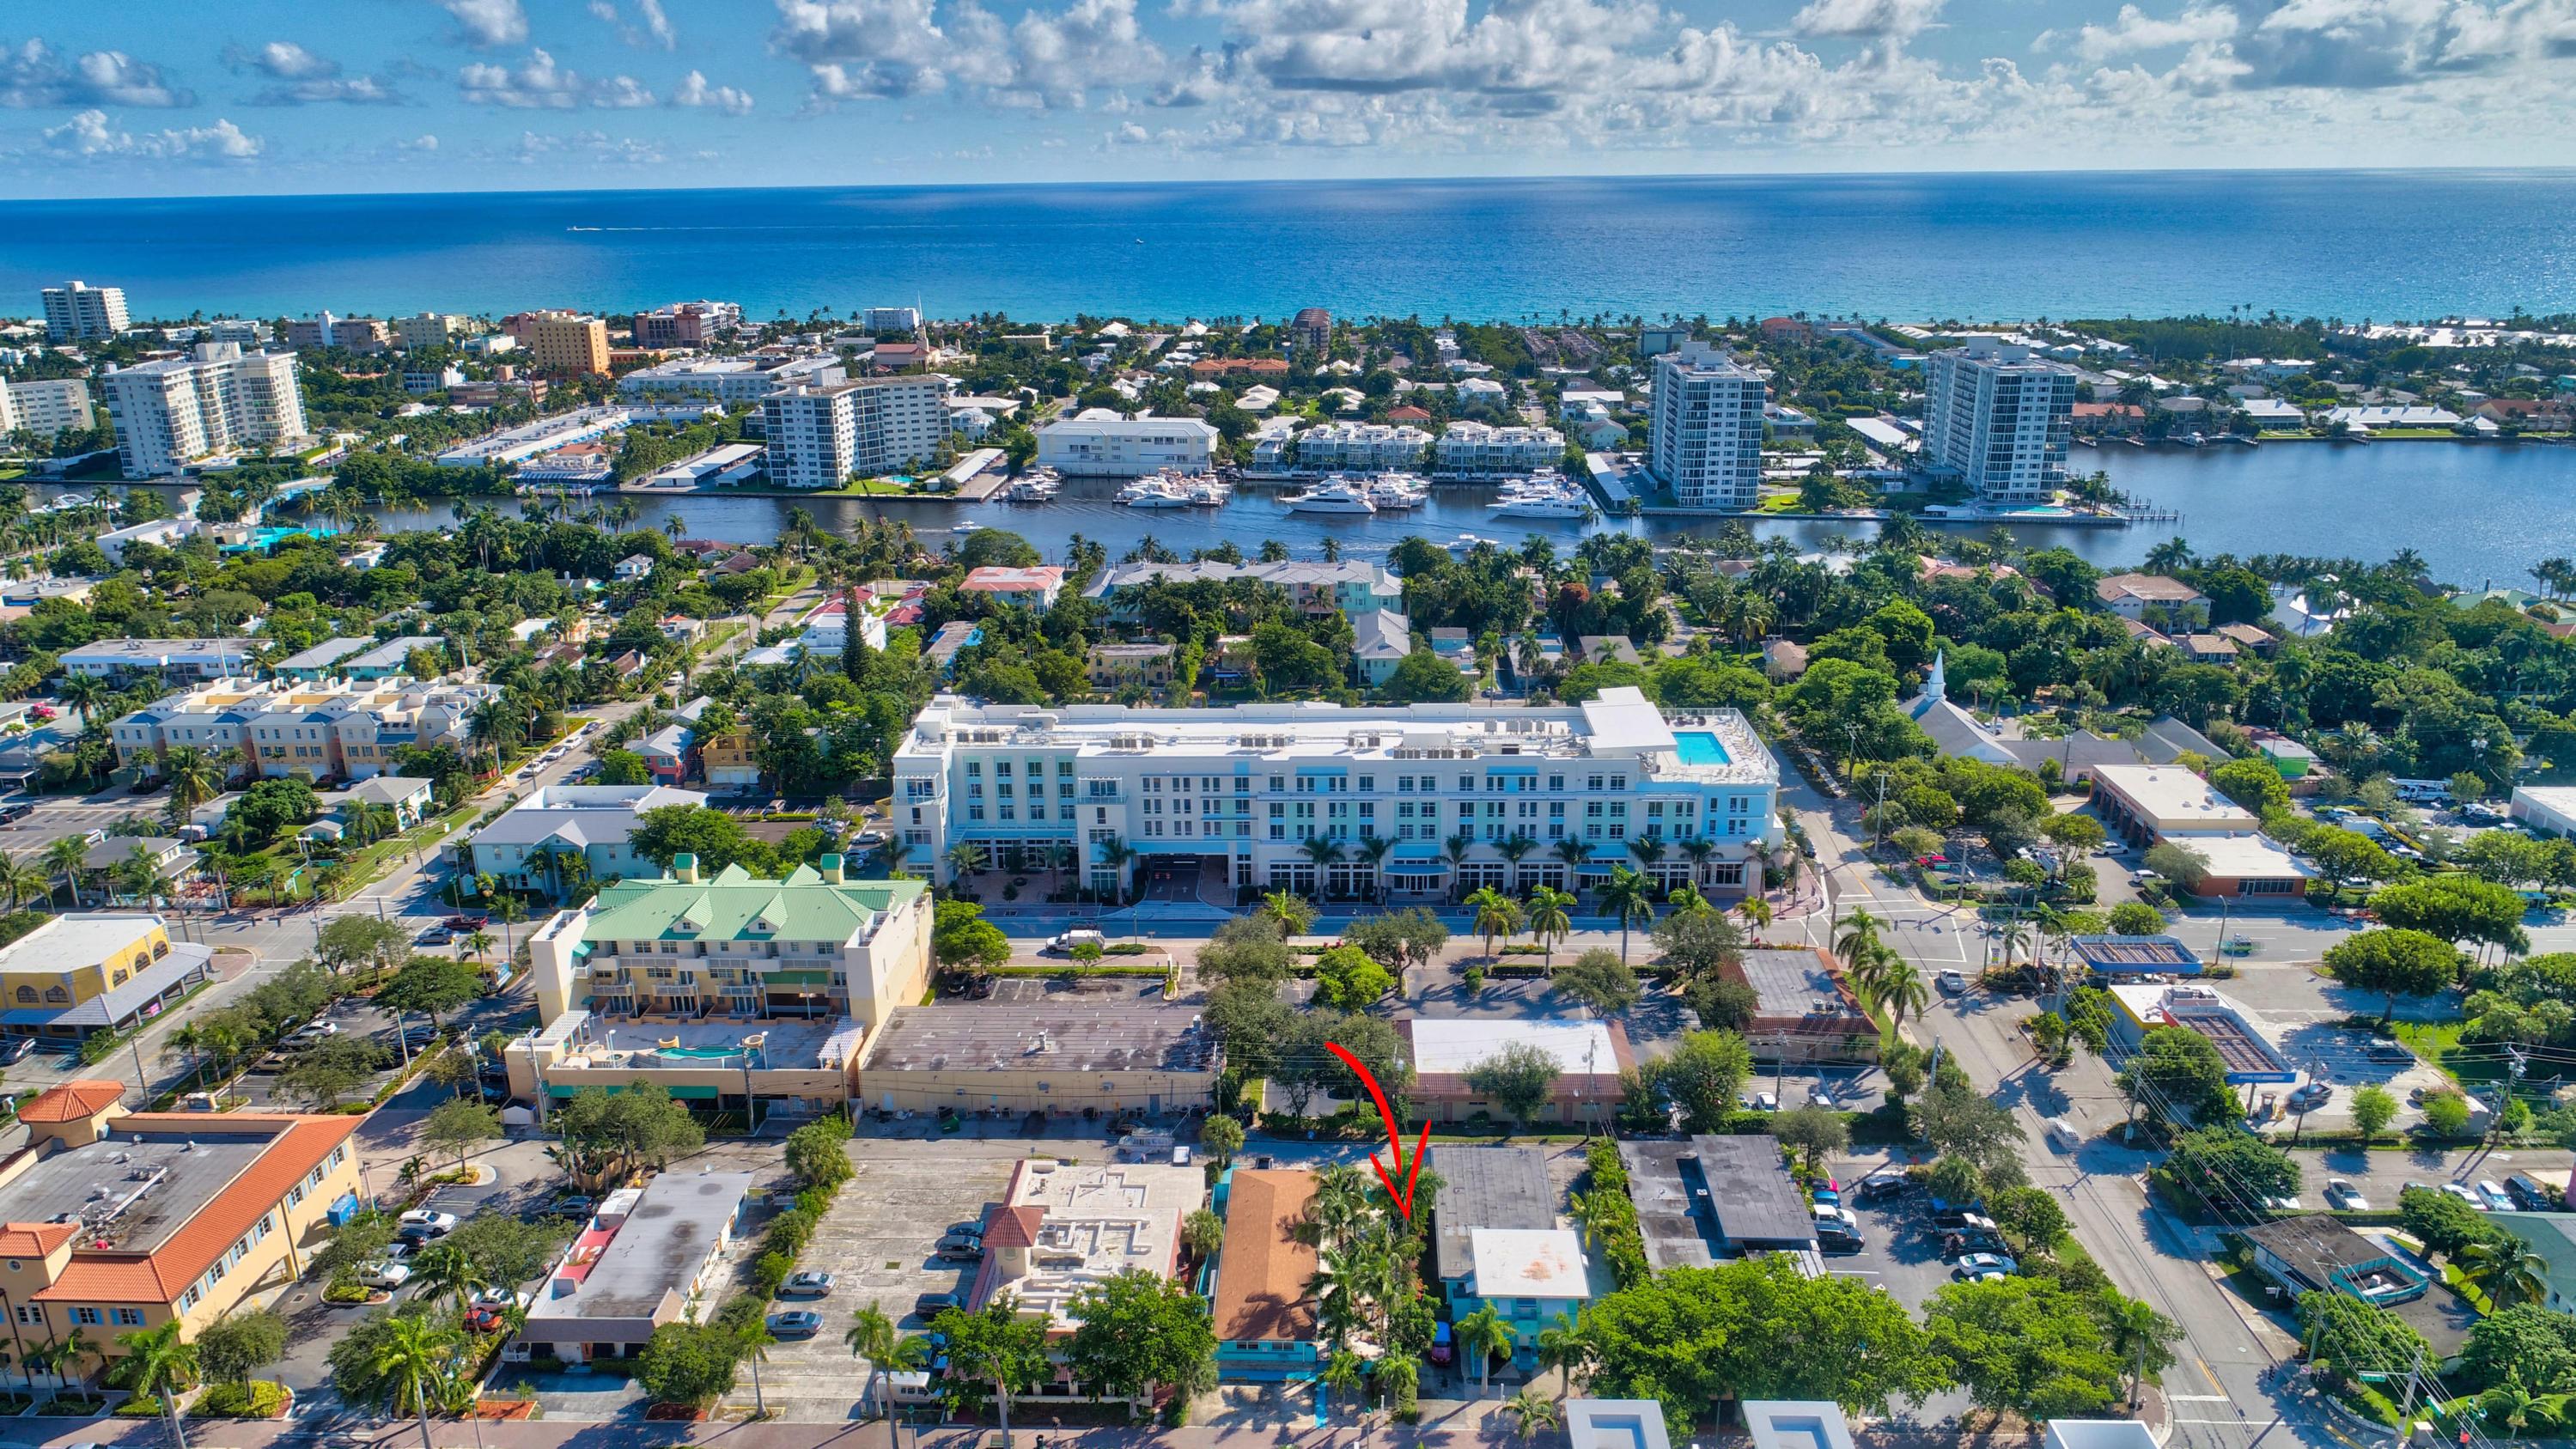 161 SE 5th, Delray Beach, Florida 33483